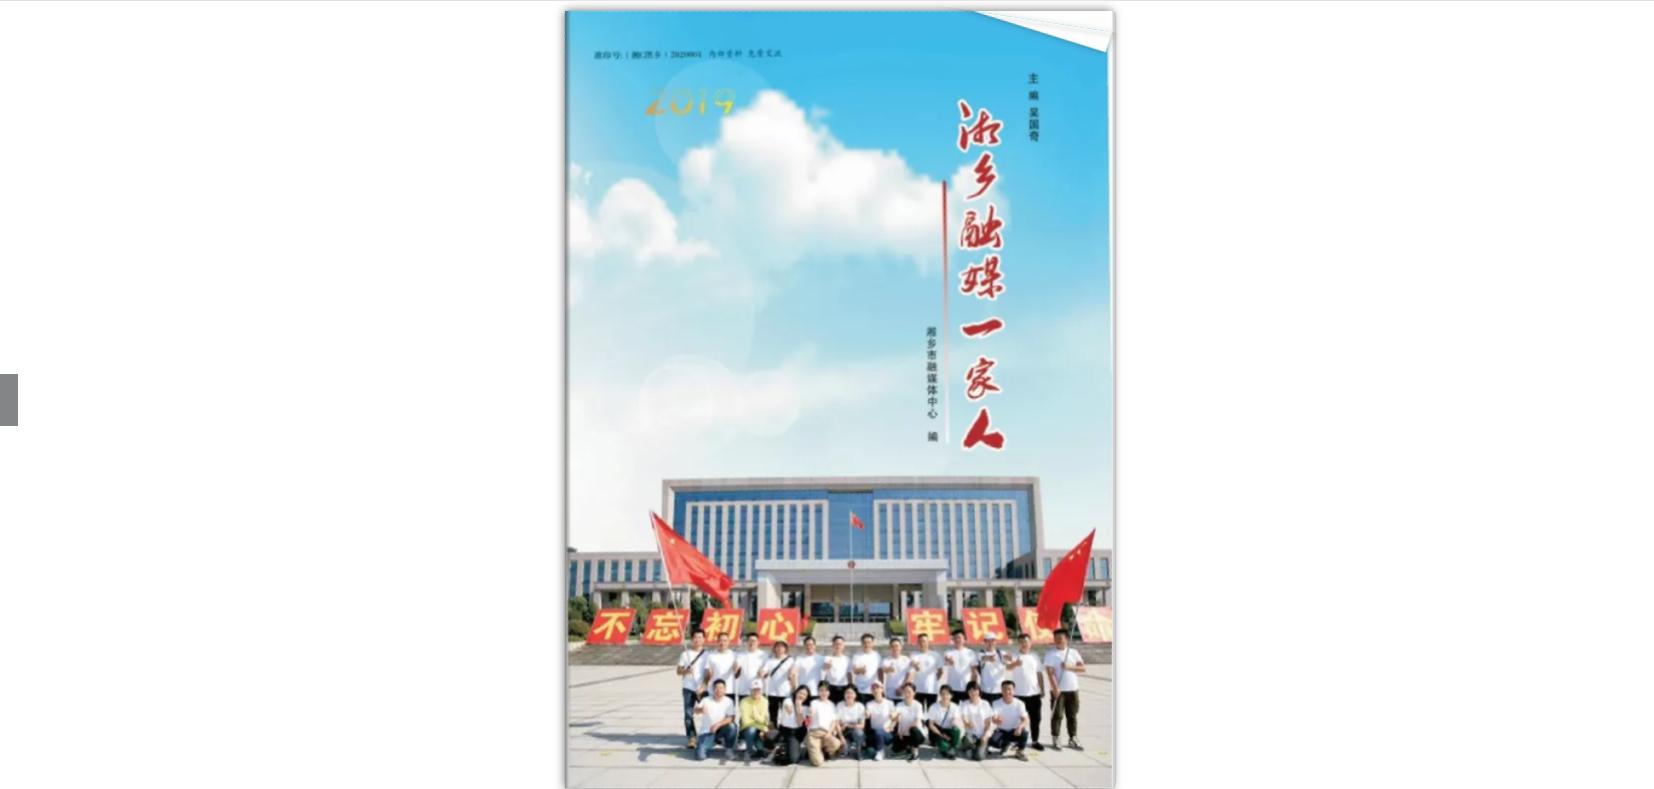 2019年湘乡融媒一家人